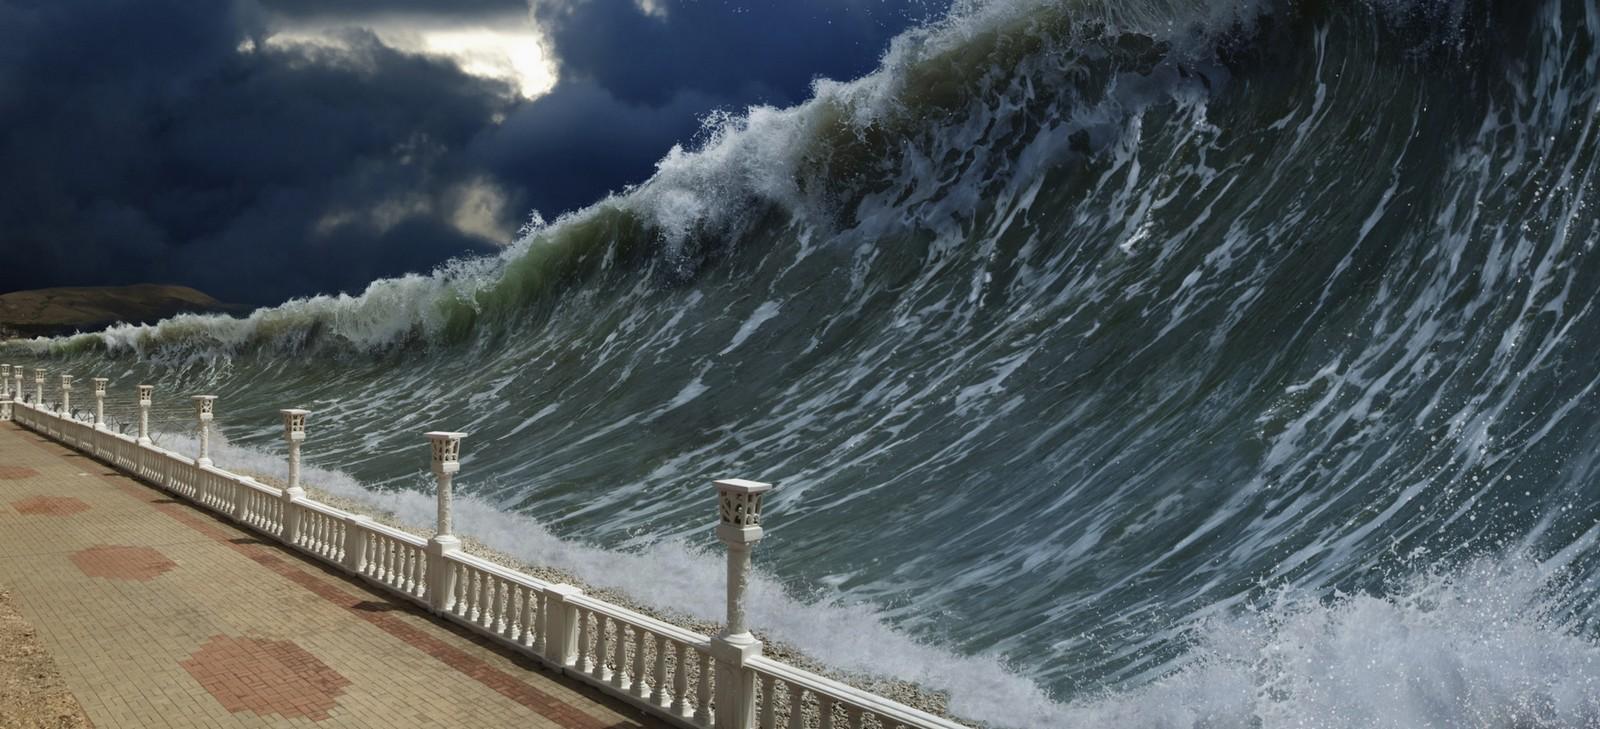 tsunami sobre la costa fondo